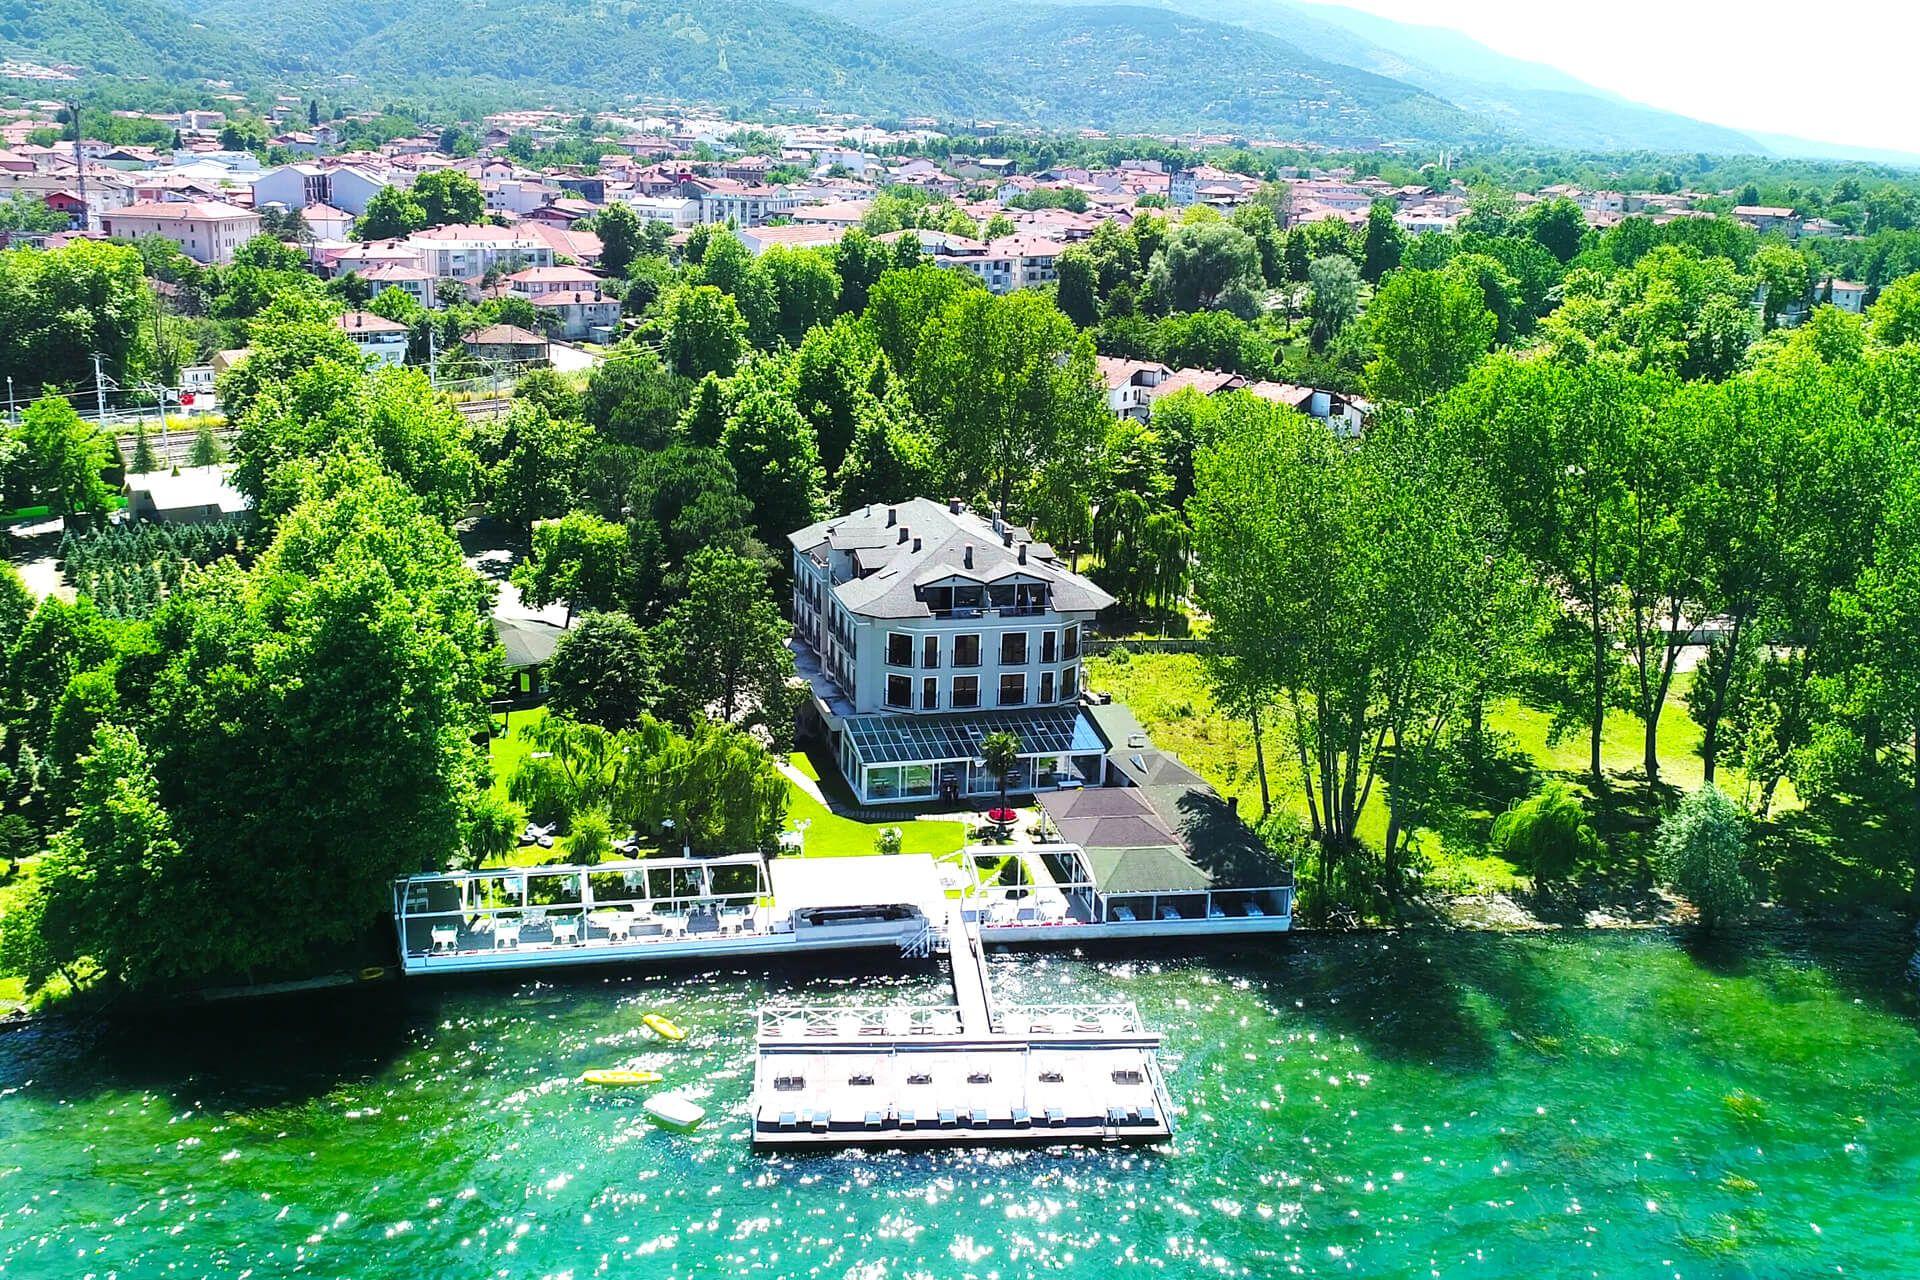 جولة الذهاب في أكبر و أهم رحلة إلى مدينة بورصة الخضراء التاريخية من مدينة اسطنبول في تركيا تكلفة الرحلة السياحية إلى بورصا وبرنامج الاماكن Tours Travel Sapanca